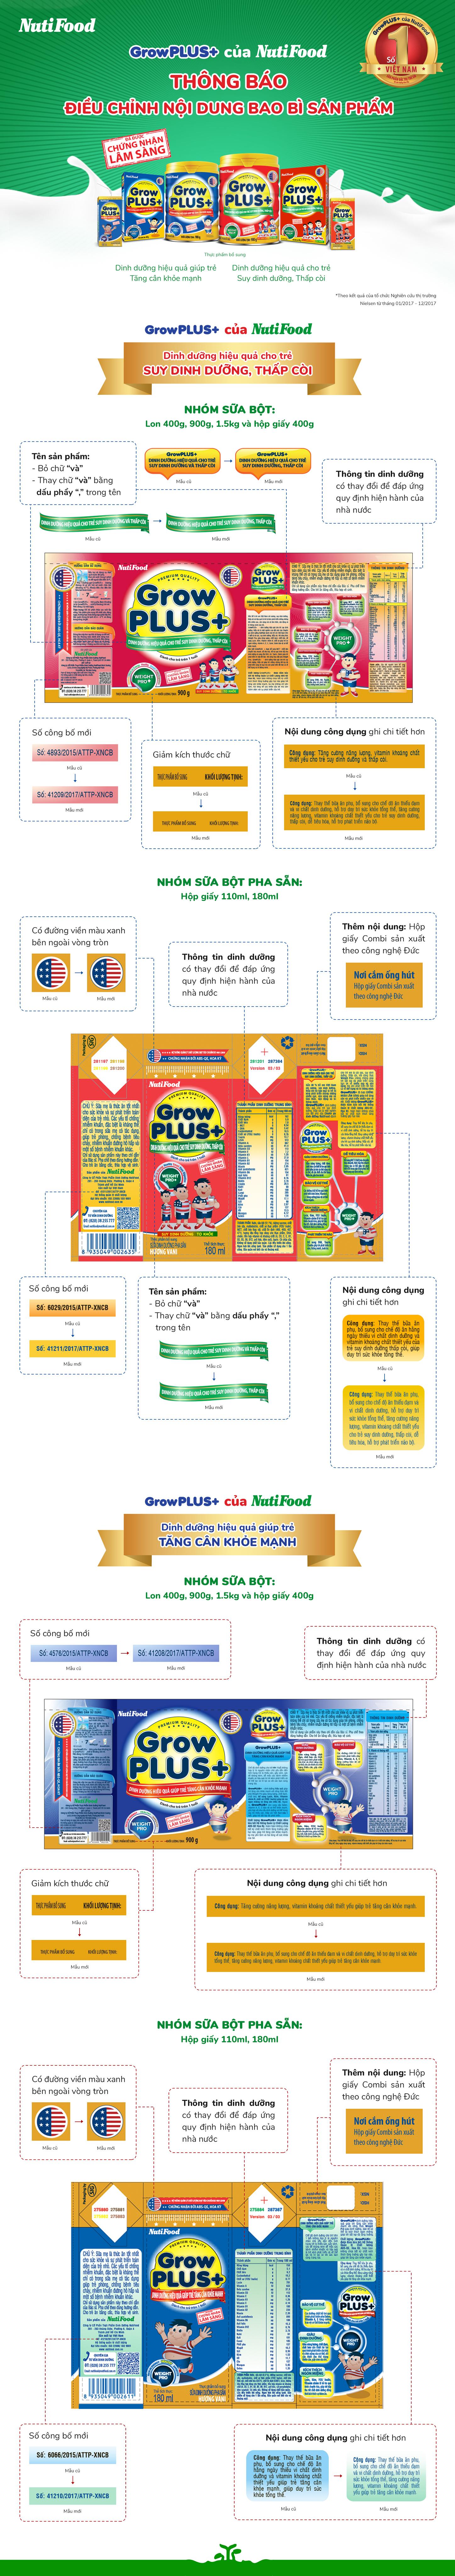 Growplus+ cho trẻ suy dinh dưỡng, thấp còi